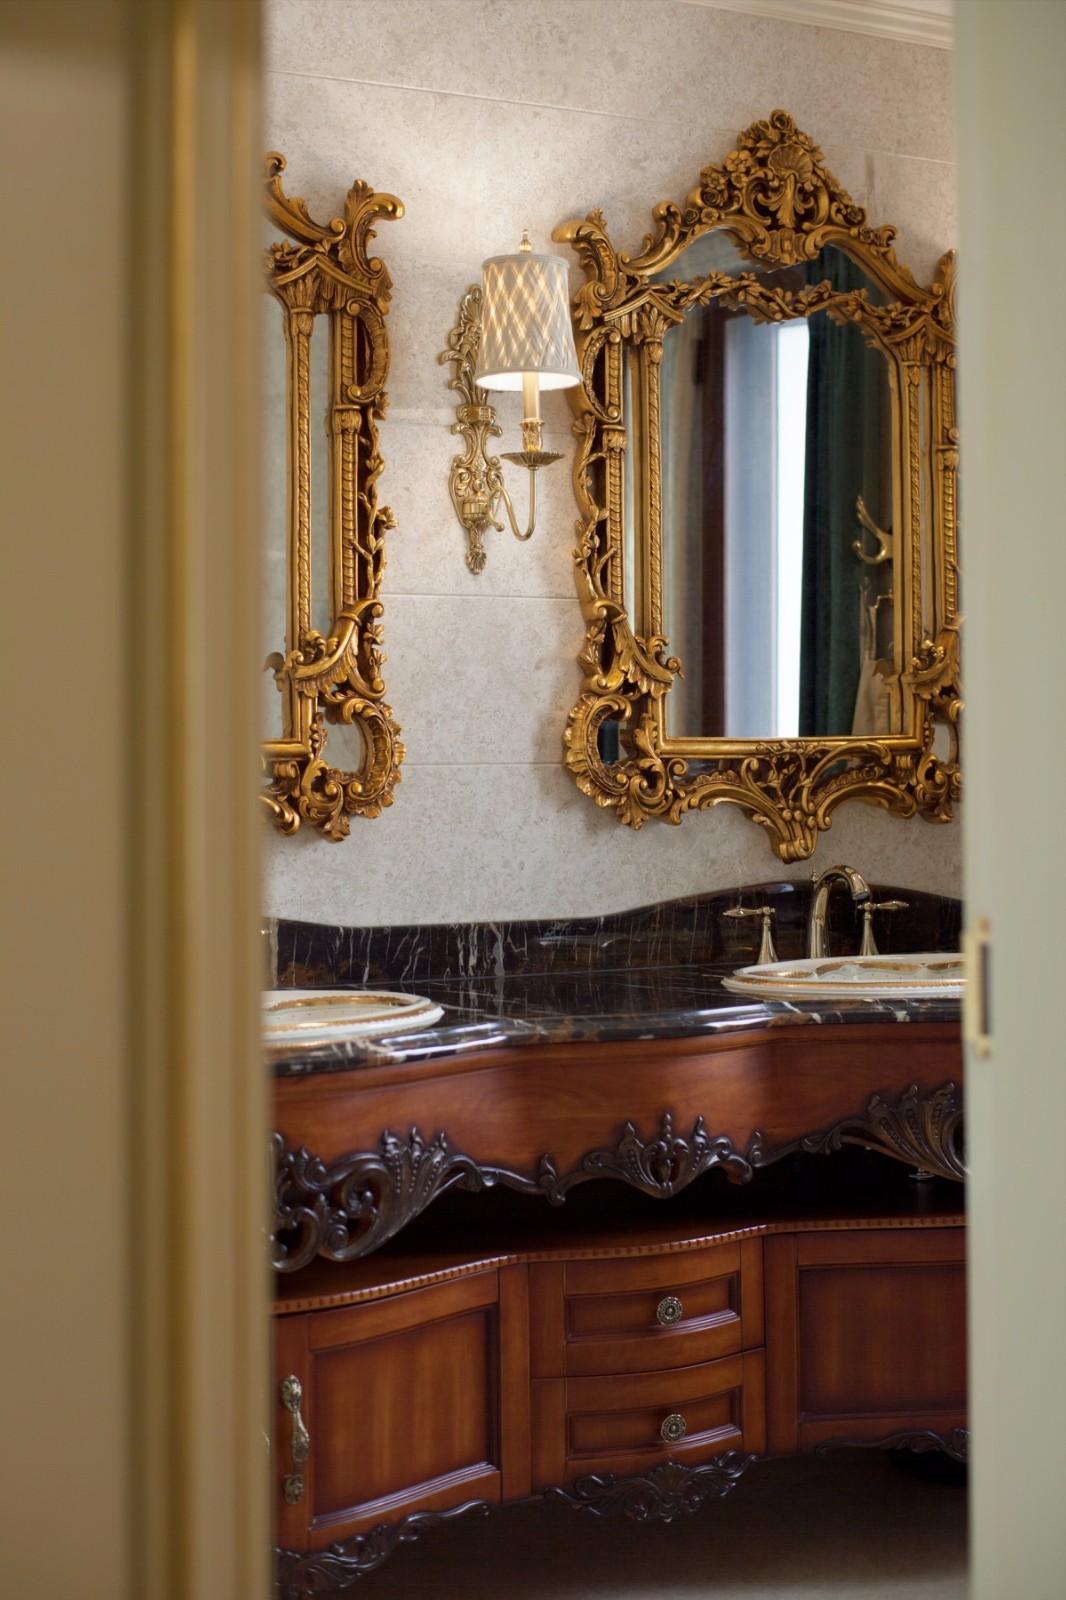 法式豪华别墅卫生间装修效果图